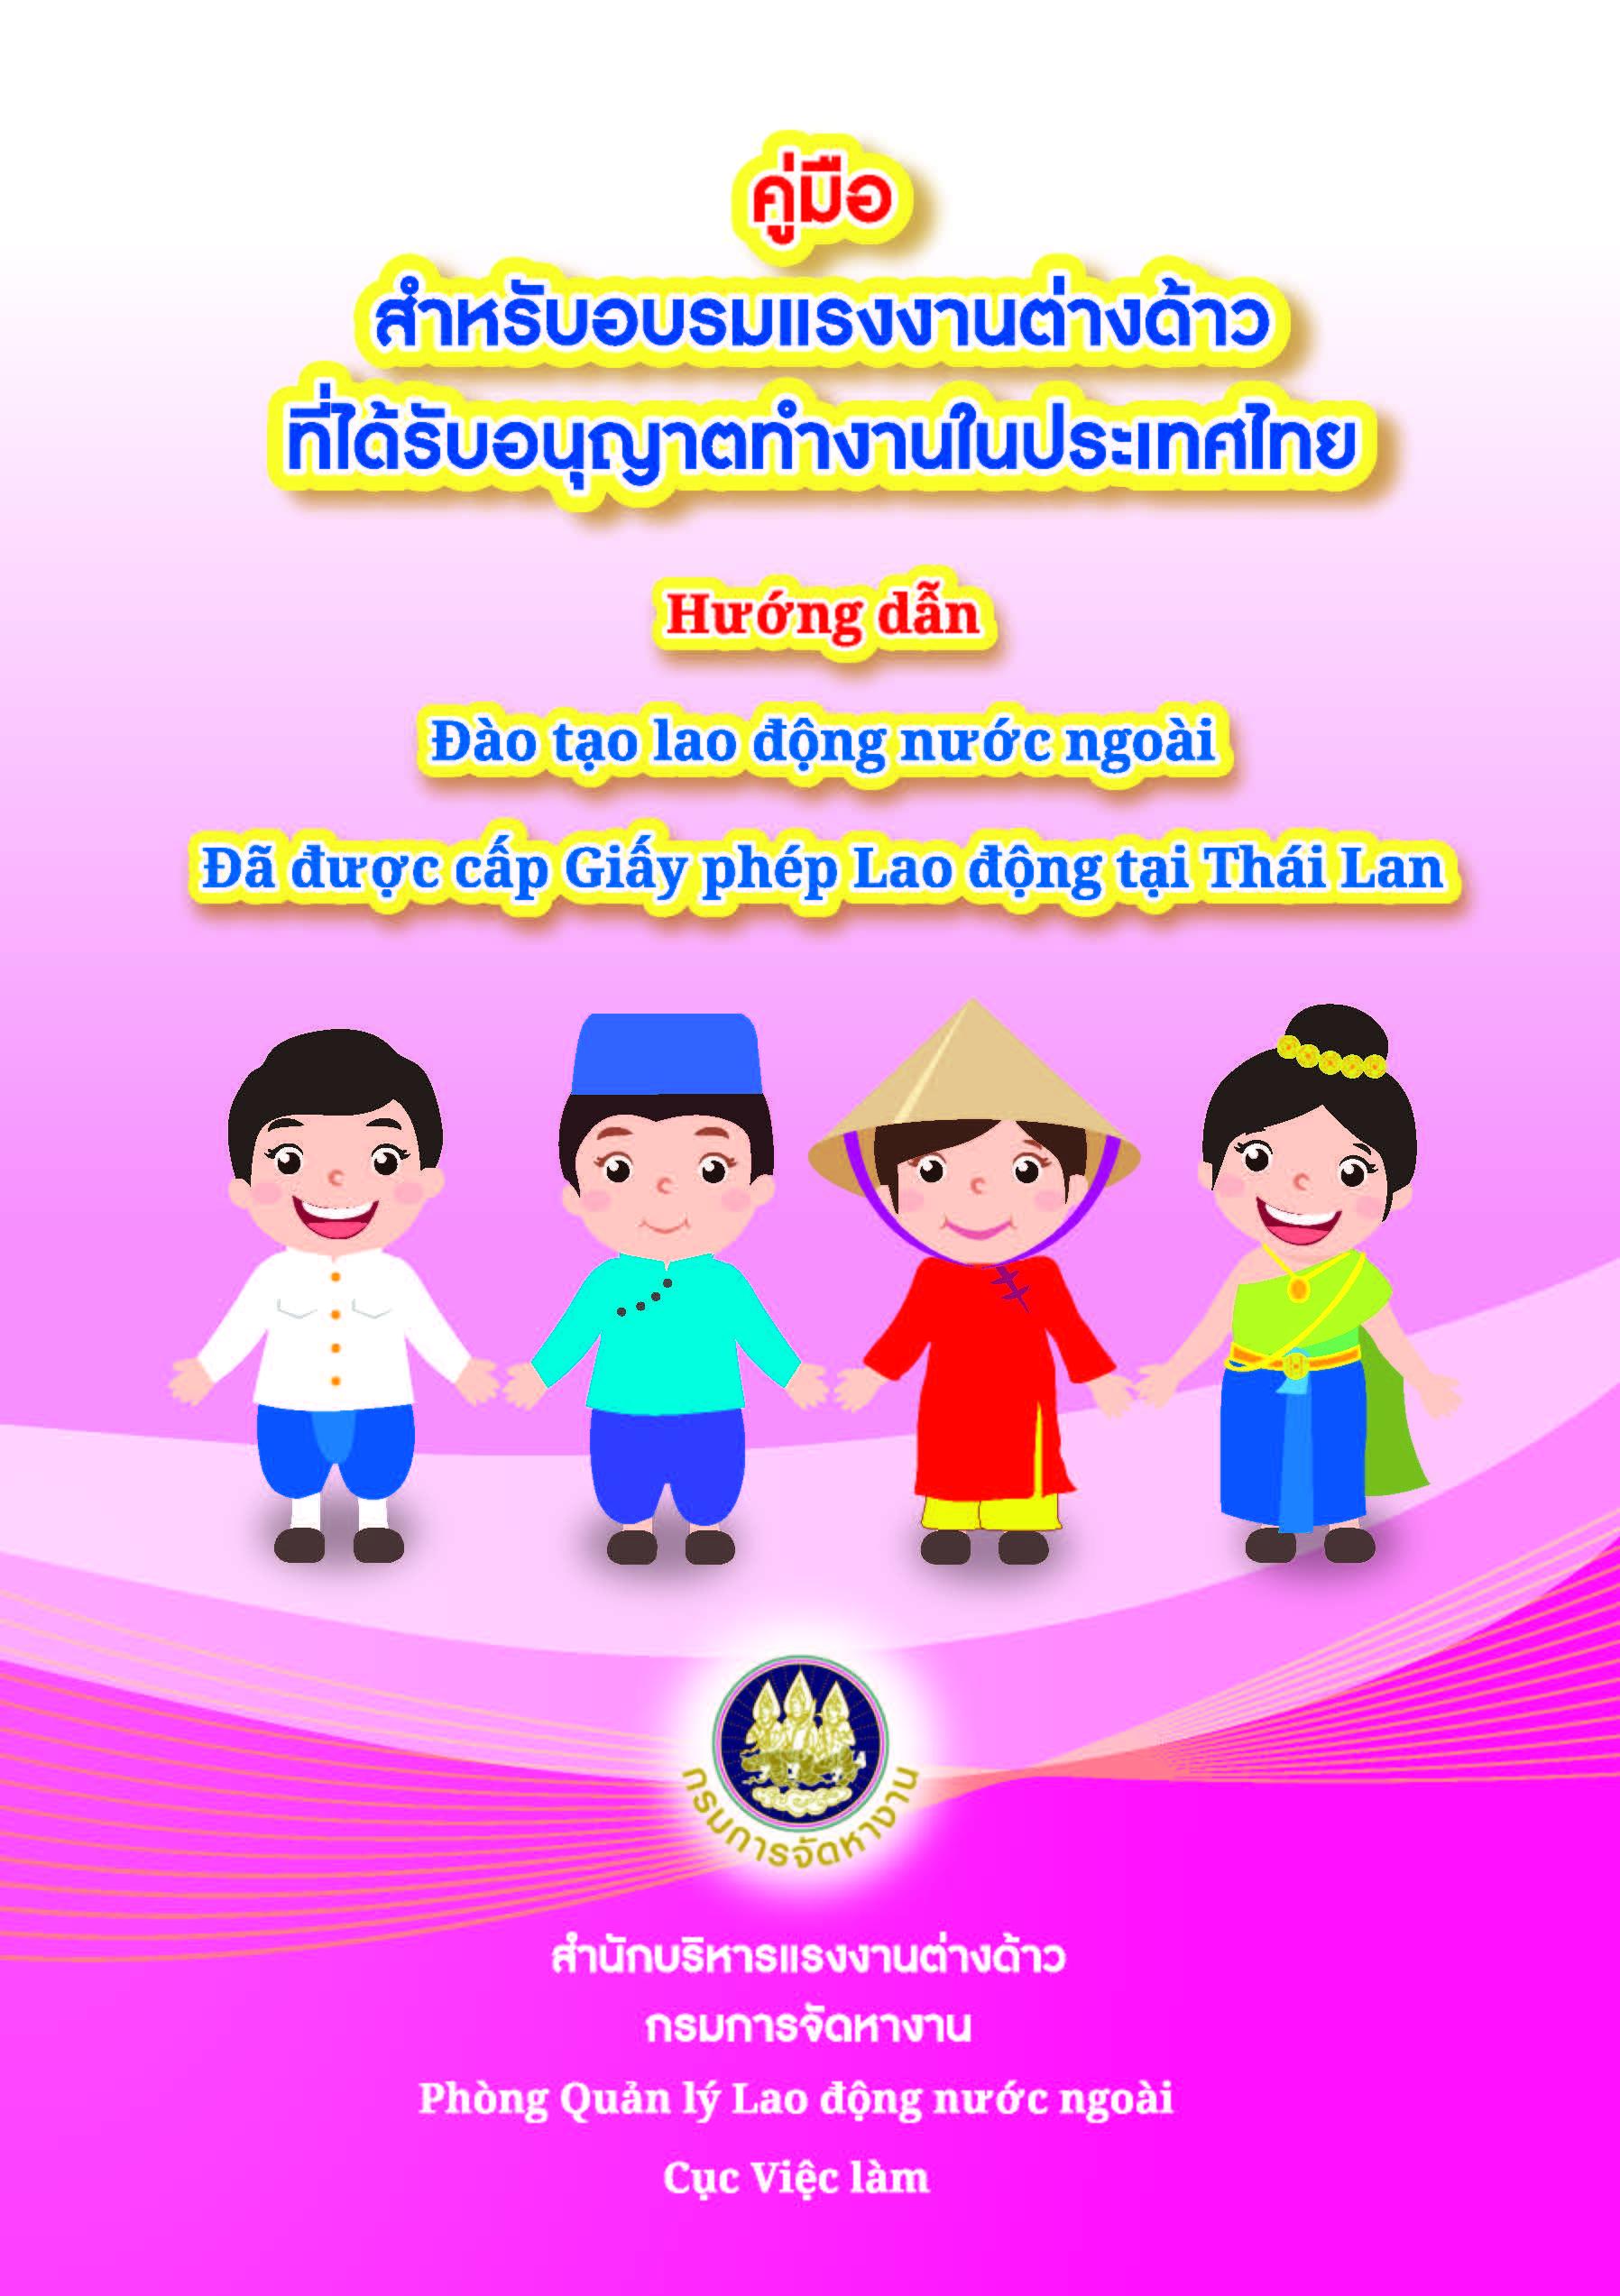 คู่มือสำหรับอบรมแรงงานต่างด้าว ที่ได้รับอนุญาตทำงานในประเทศ (ไทย-เวียดนาม)